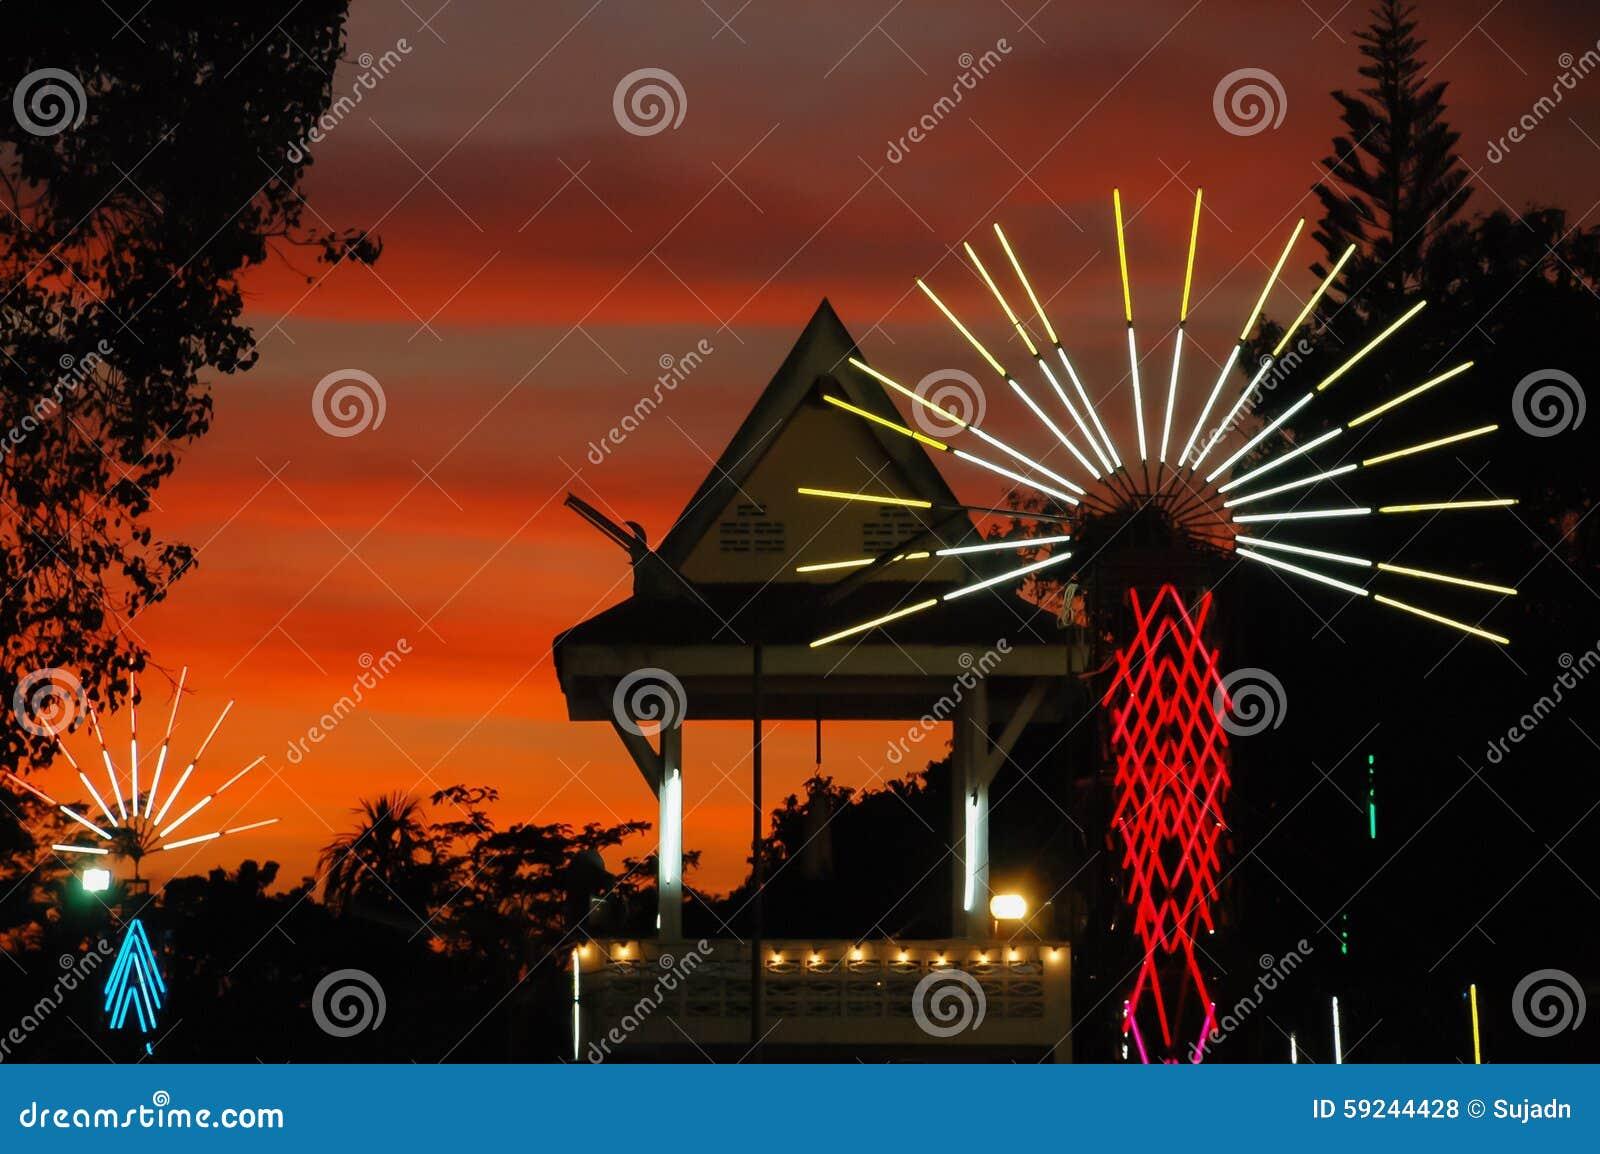 La feria del templo es una tradición anual